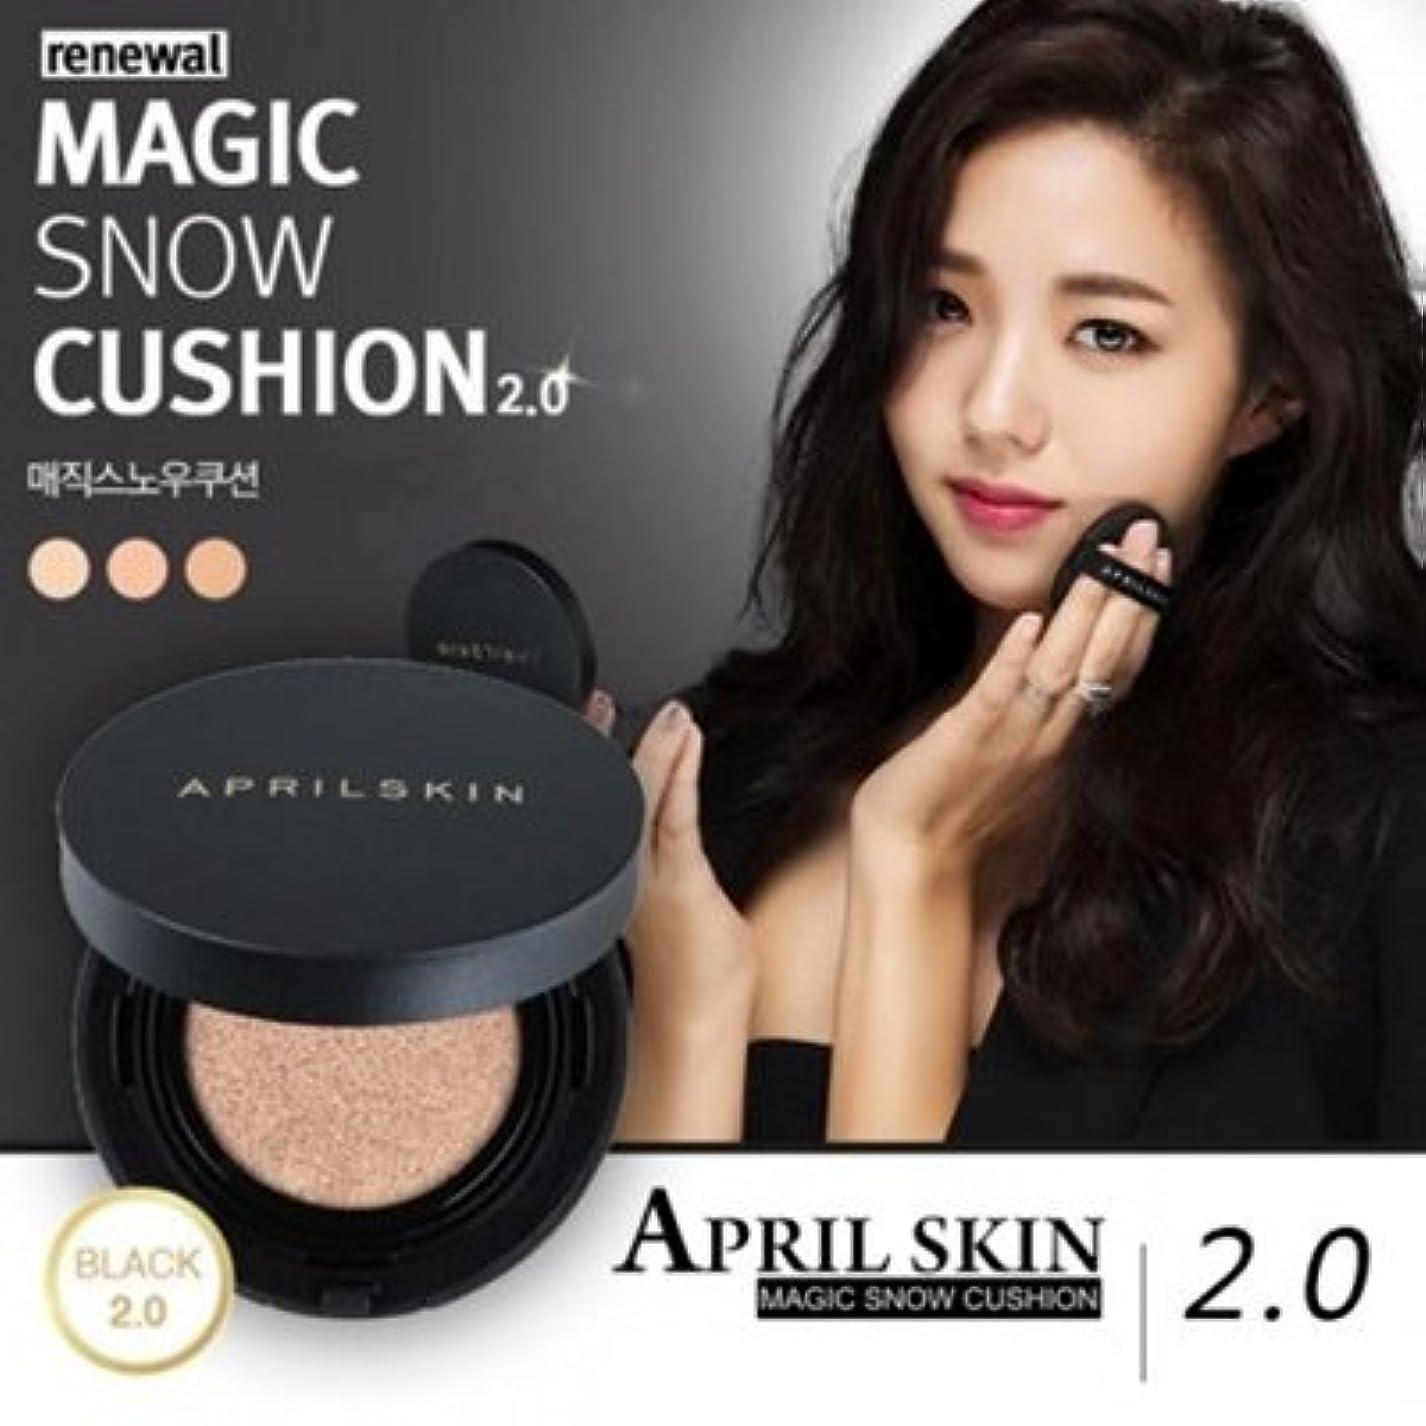 特派員ジェームズダイソンサーバント[April Skin]韓国クッション部門1位!NEW!!★Magic Snow Cushion Black 2.0★/w Gift Sample (#22 Pink Beige) [並行輸入品]